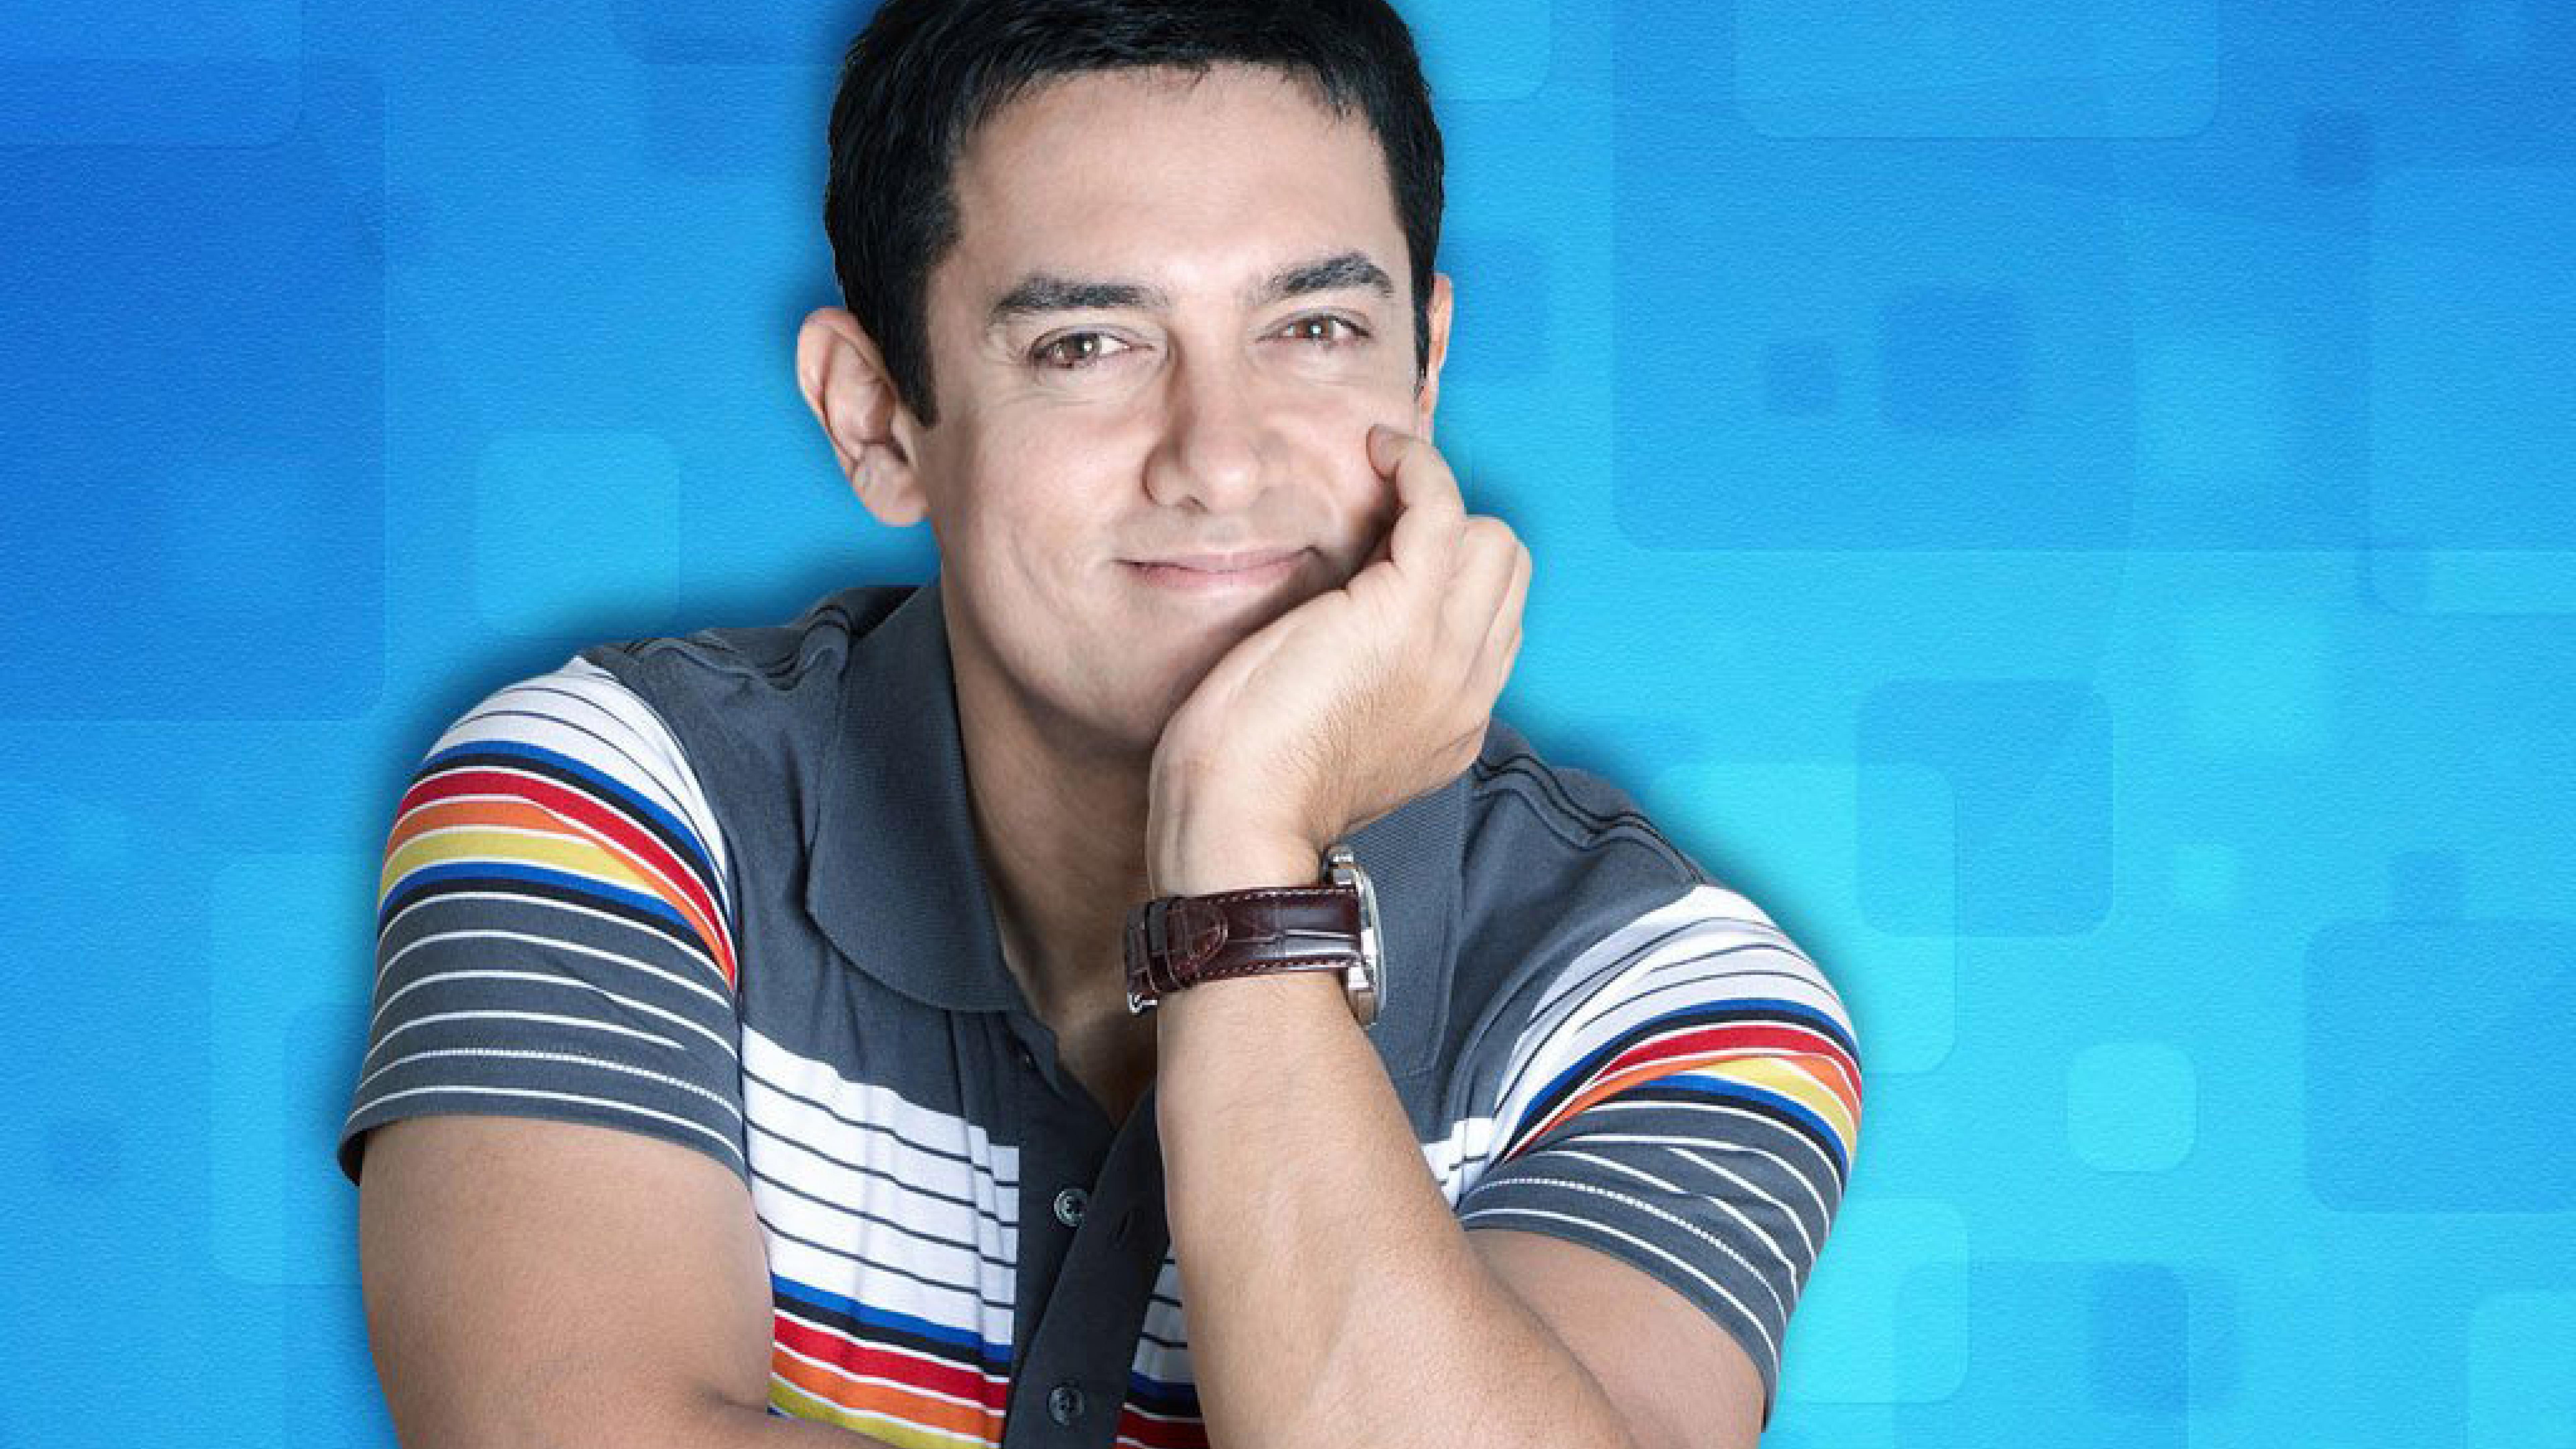 Aamir Khan Smile Look Photoshoot, HD Wallpaper